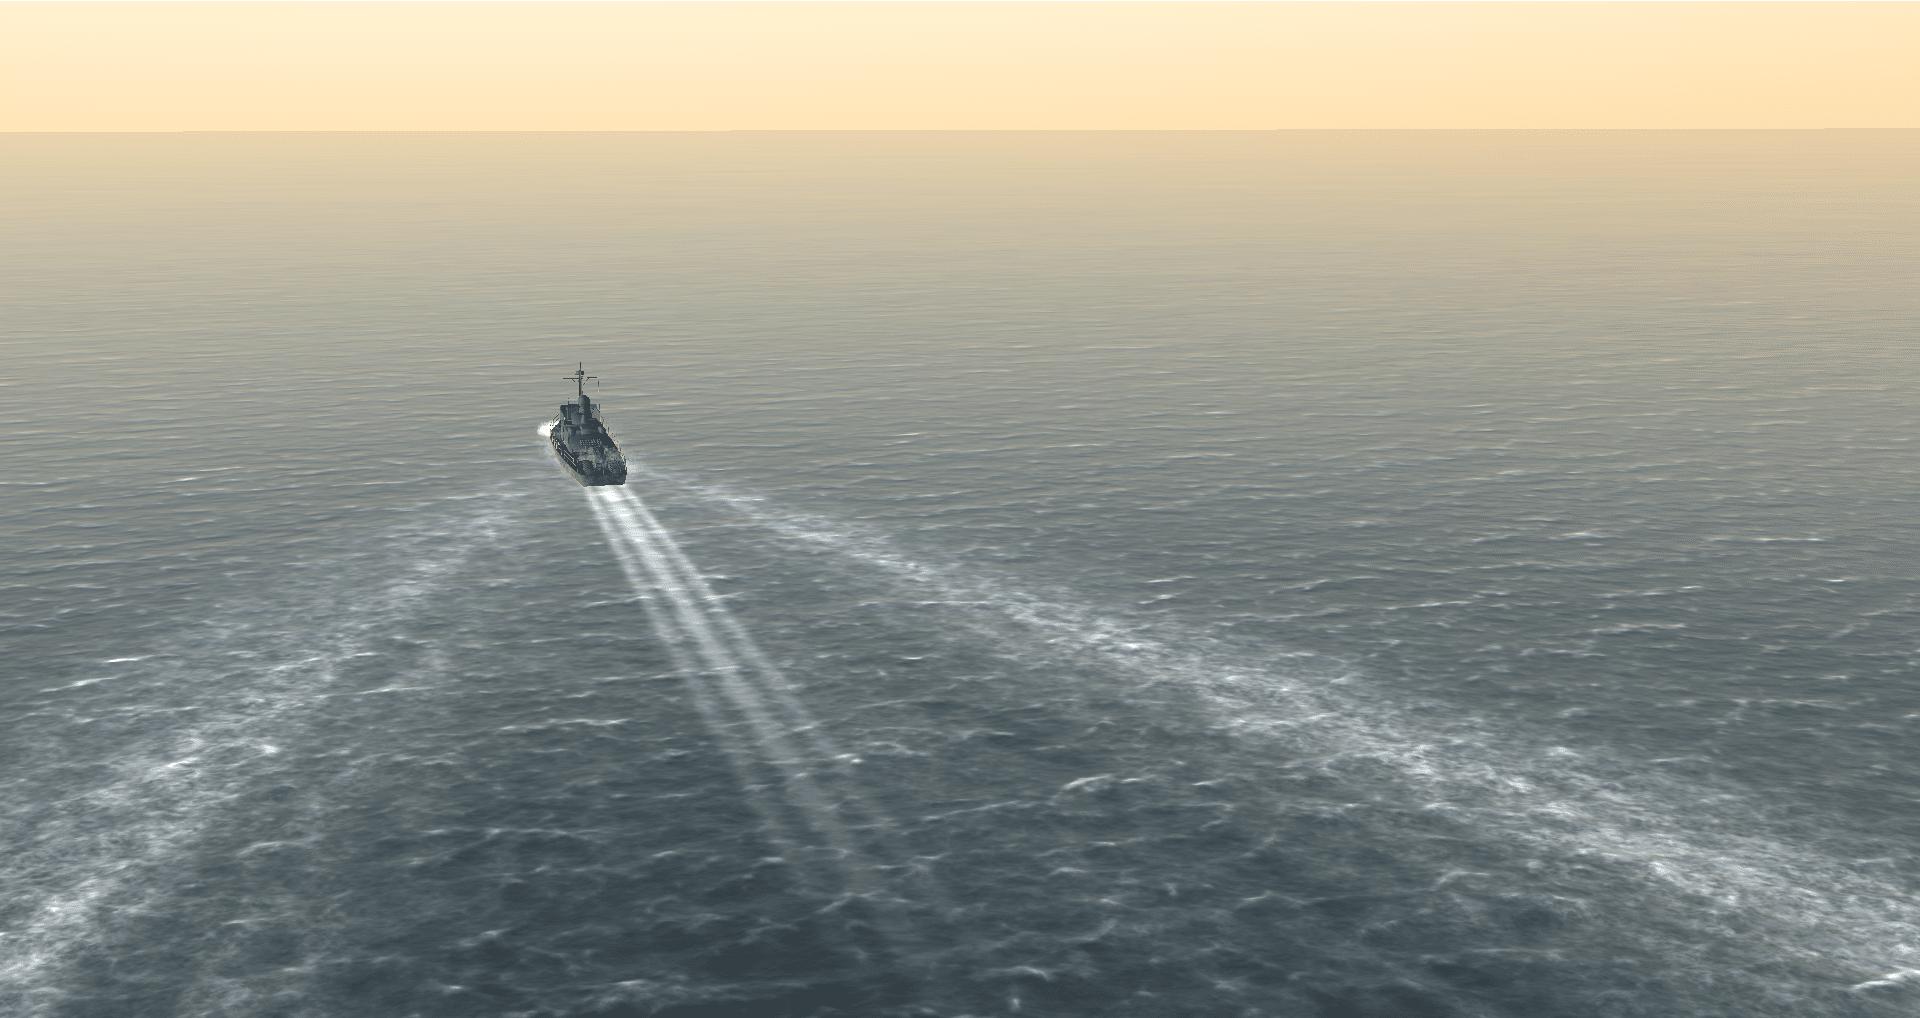 New ship wakes in Triton 3.81